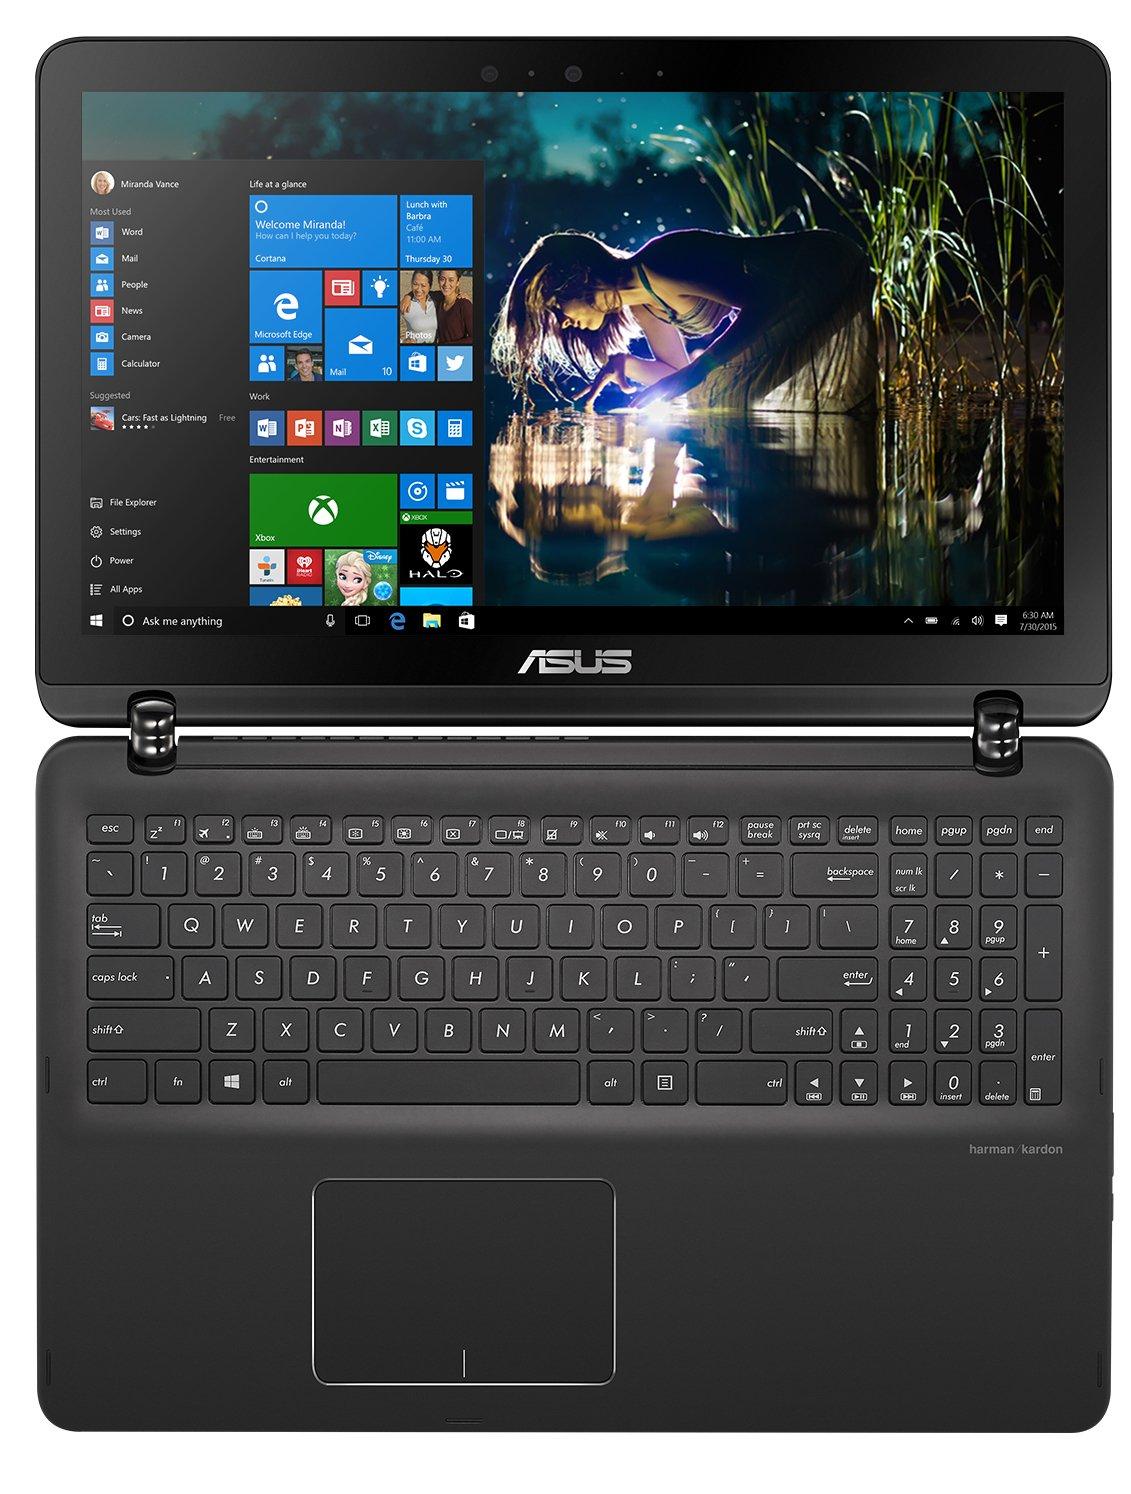 Amazon.com: ASUS Q524U 2-in-1 Notebook PC (Q524UQ-BI7T20) Intel i7-7500U, 12GB RAM, 2TB HDD, 15.6-in FHD LED, Win10: Computers & Accessories